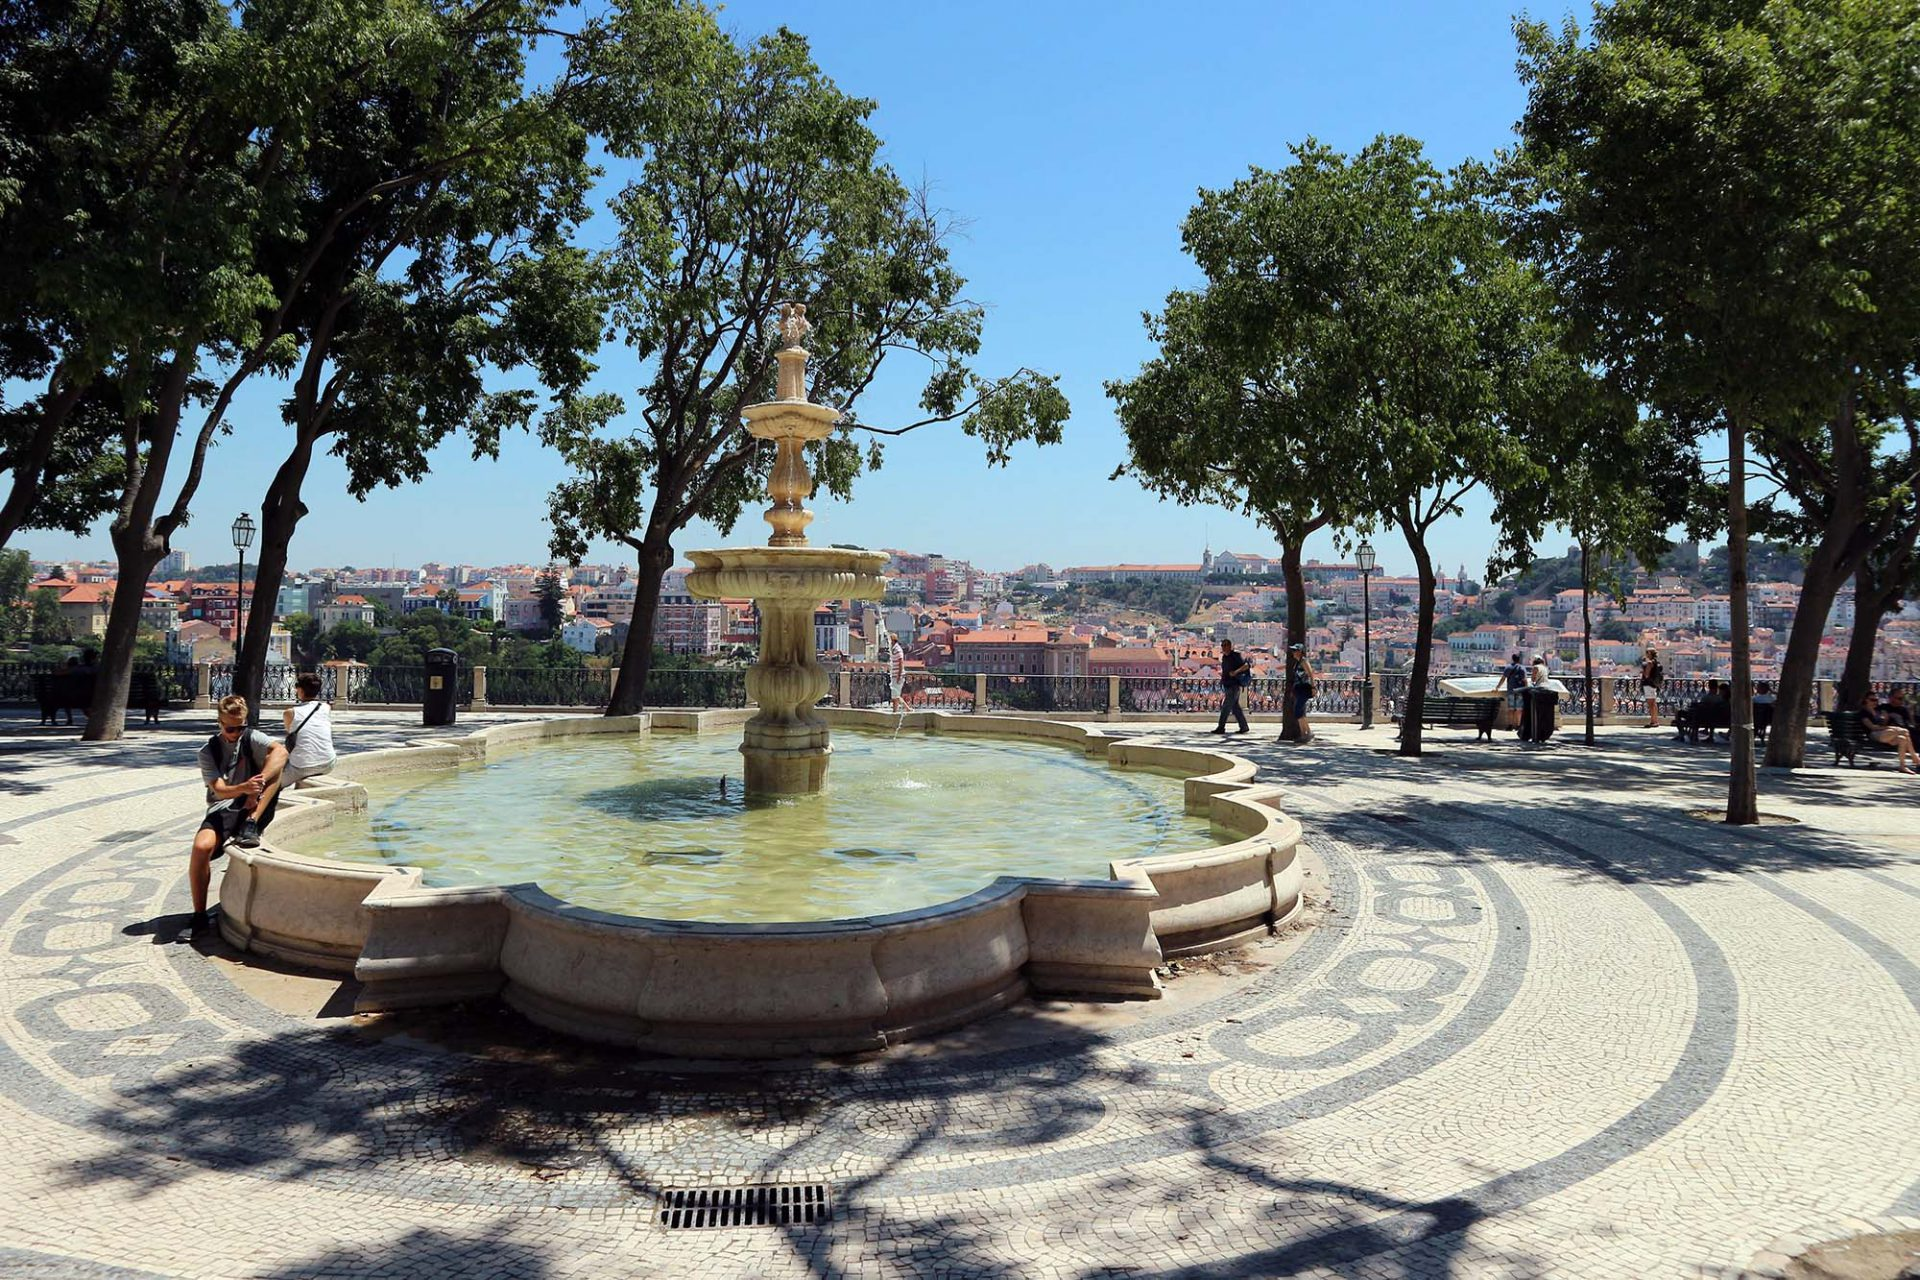 Miradouro de São Pedro de Alcântara.  Der terrassierte Aussichtspunkt am Ende der Route des Elevador da Glória erstreckt sich über zwei Ebenen. Auf der oberen steht neben einiger Bäume und einem Springbrunnen das Denkmal des Zeitungsgründers Eduardo Coelho. Er wird begleitet von einem bronzenen Ardina, dem typischen Lissabonner Zeitungsjungen des 19. Jahrhunderts.